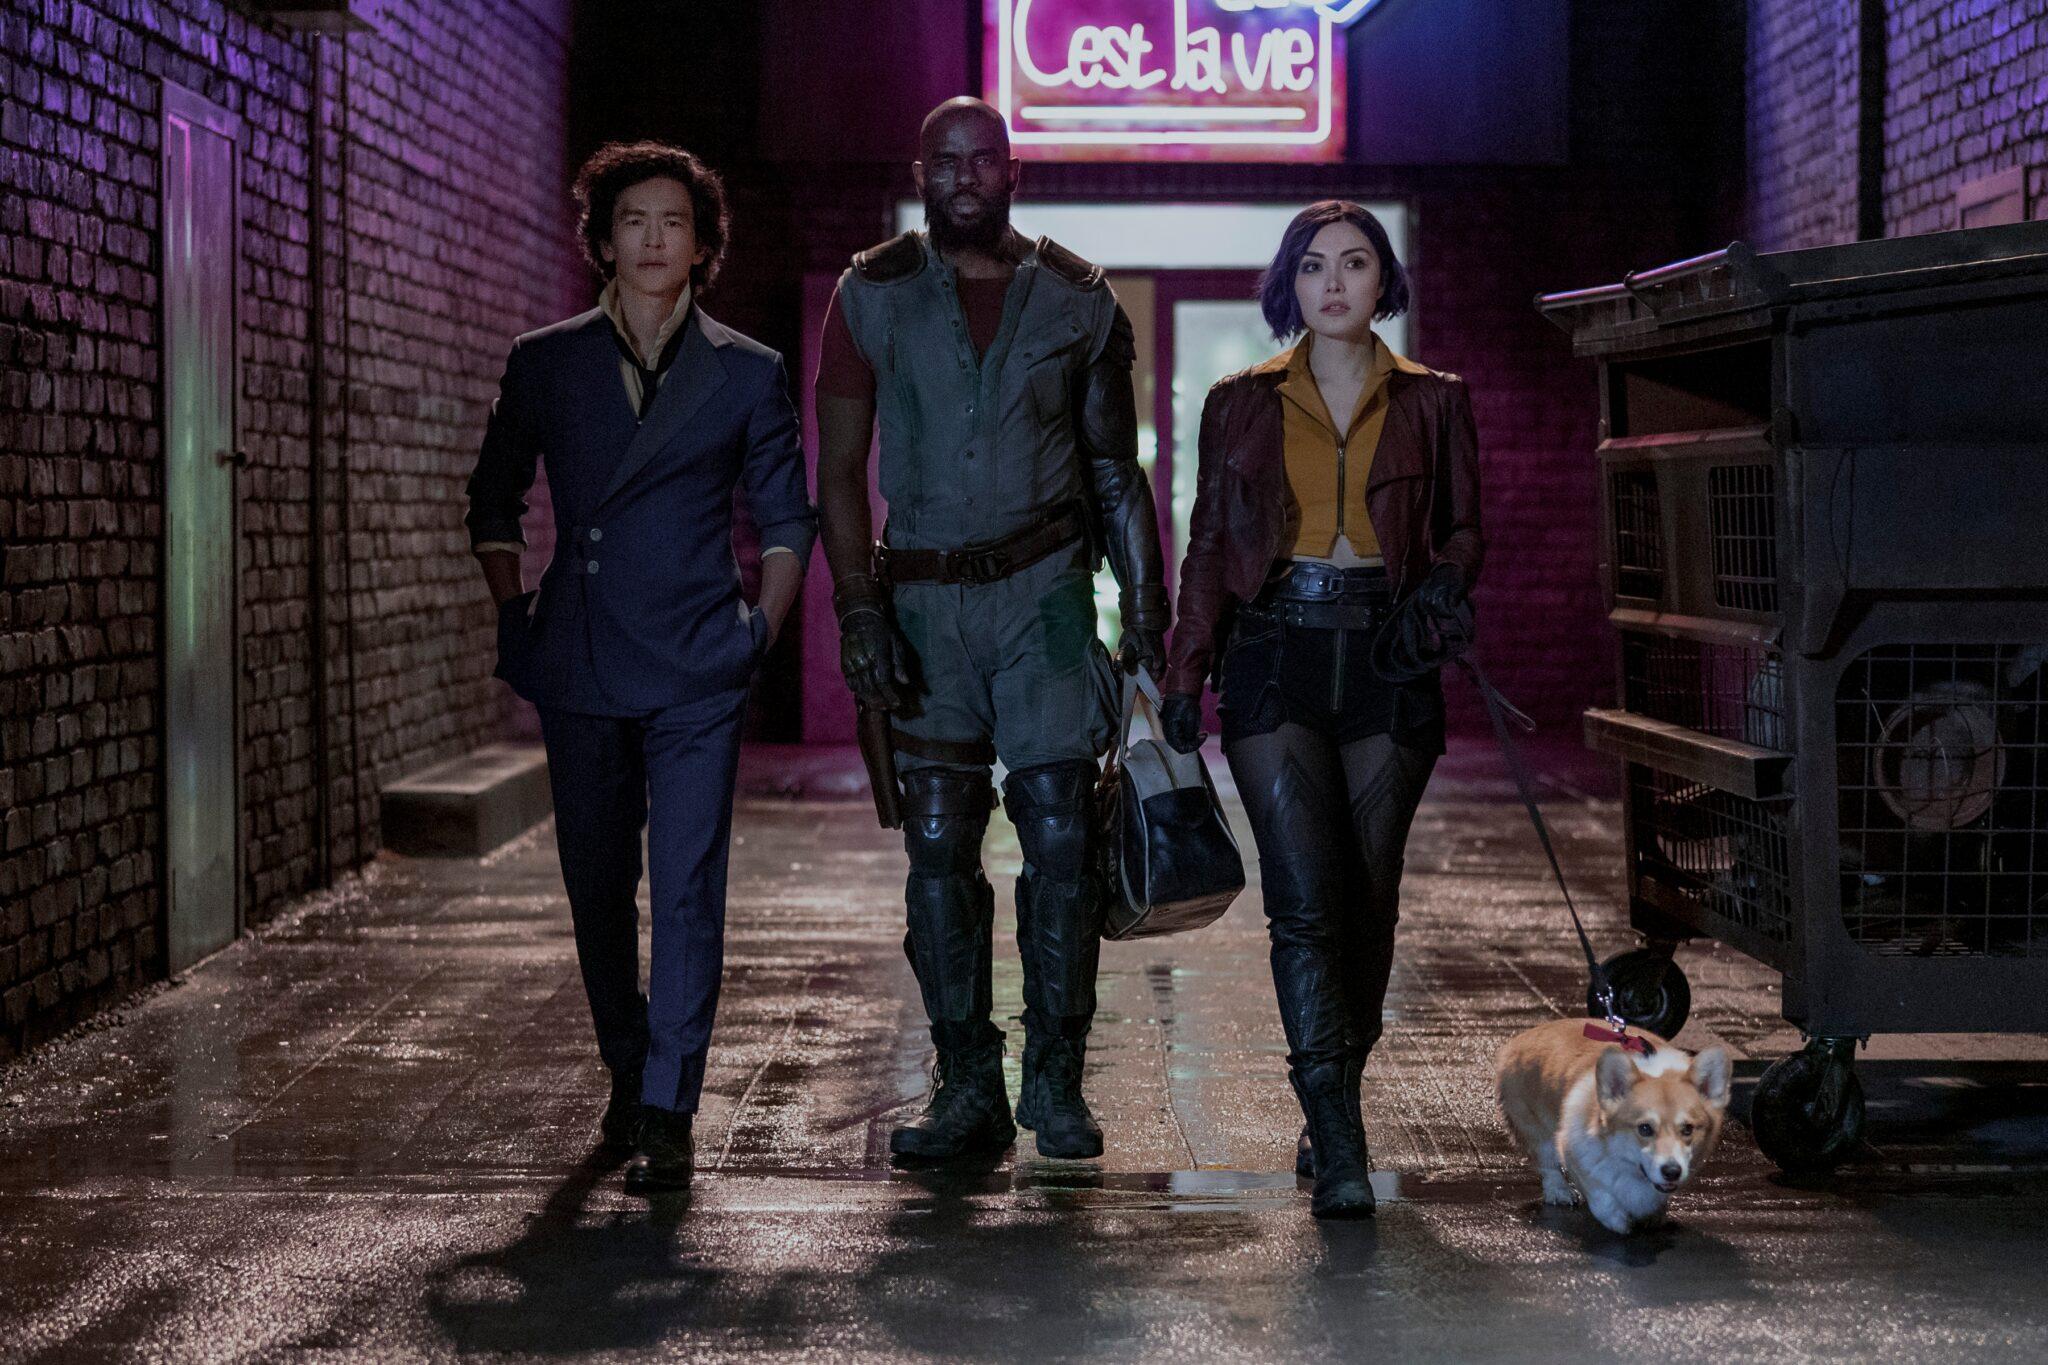 John Cho, Mustafa Shakir und Daniella Pineda laufen in einer nächtlich dunklen Gasse mit einem kleinen Hund.